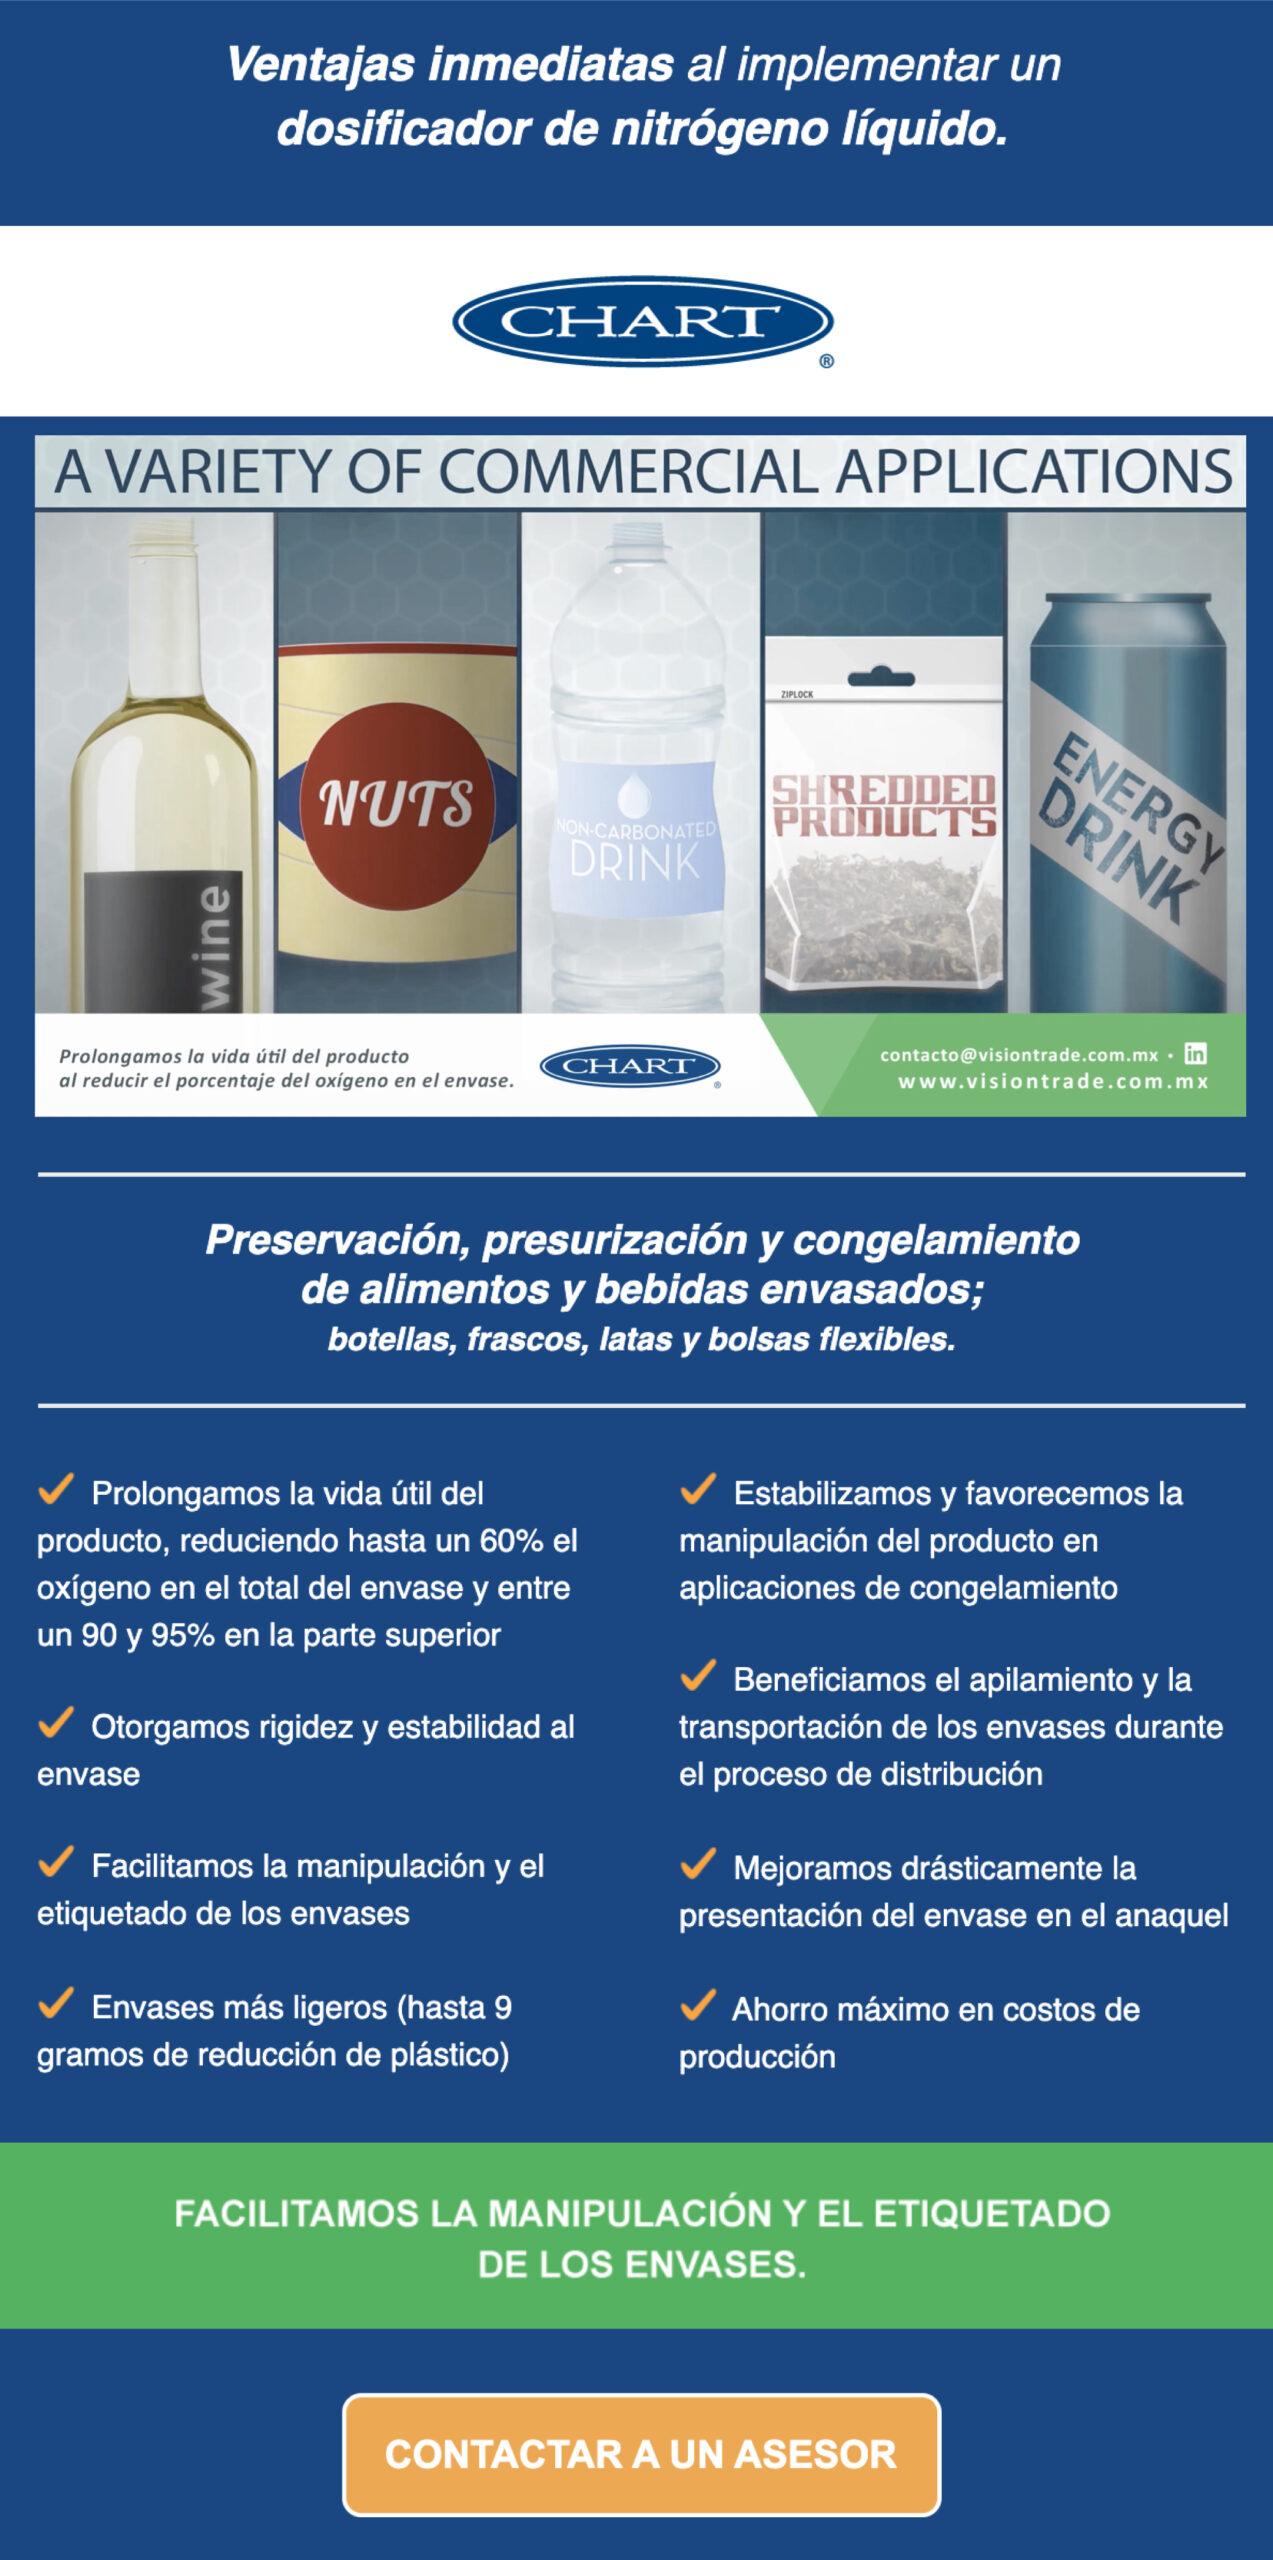 Dosificadores de nitrógeno líquido